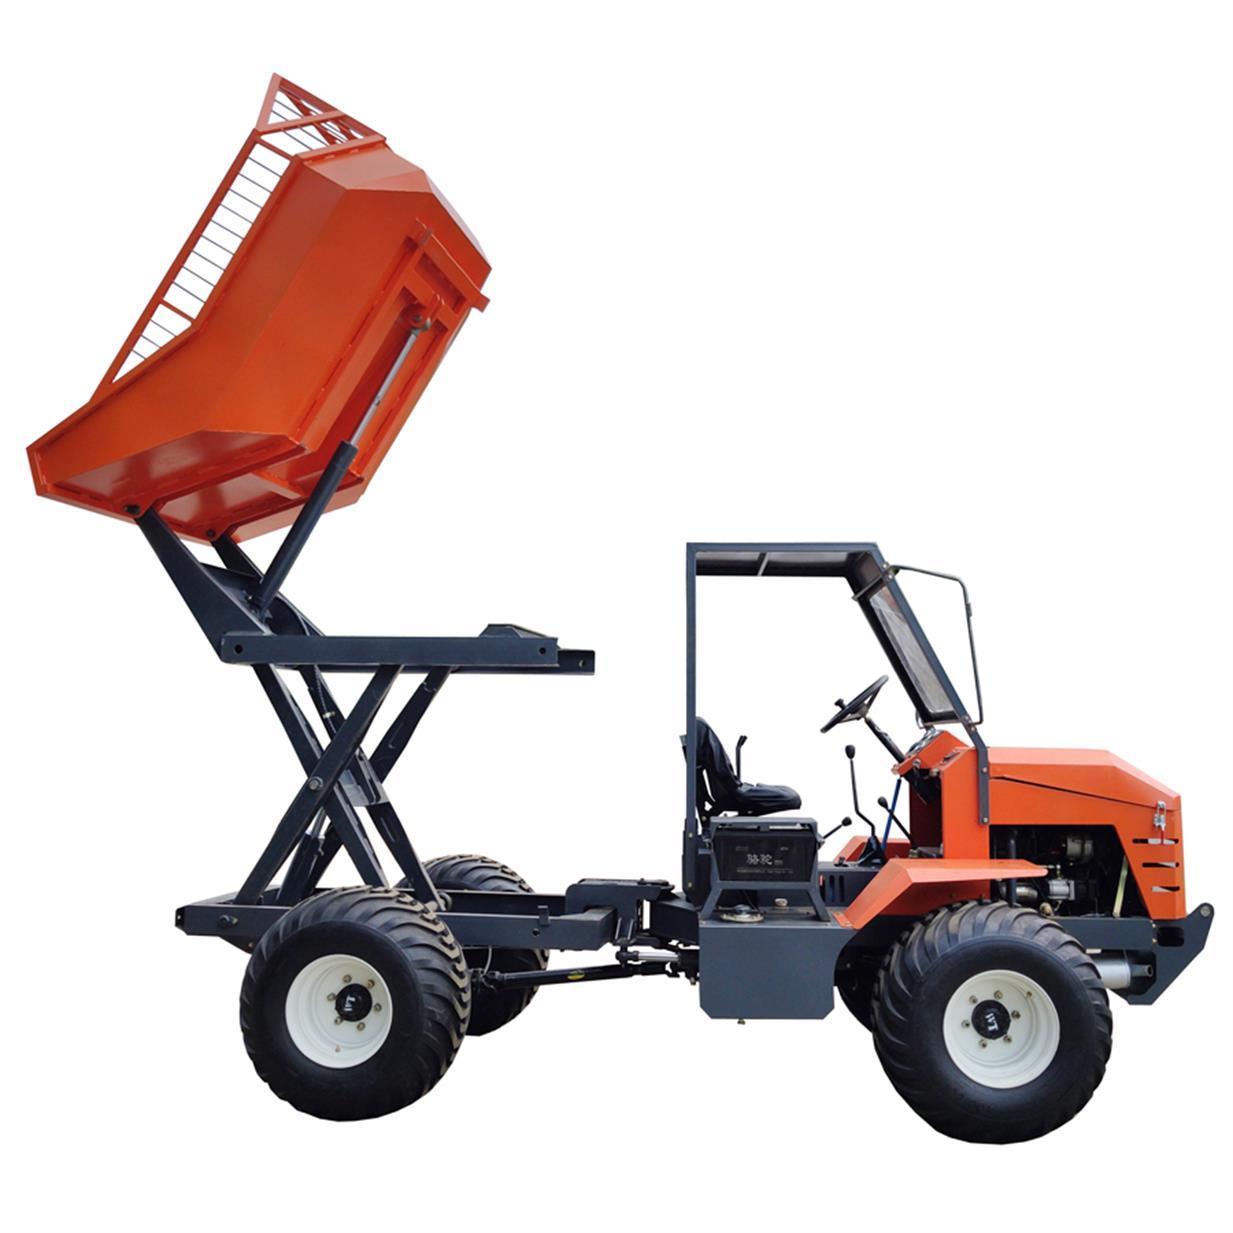 All Terrain Articulated Steer Palm Garden Transporter